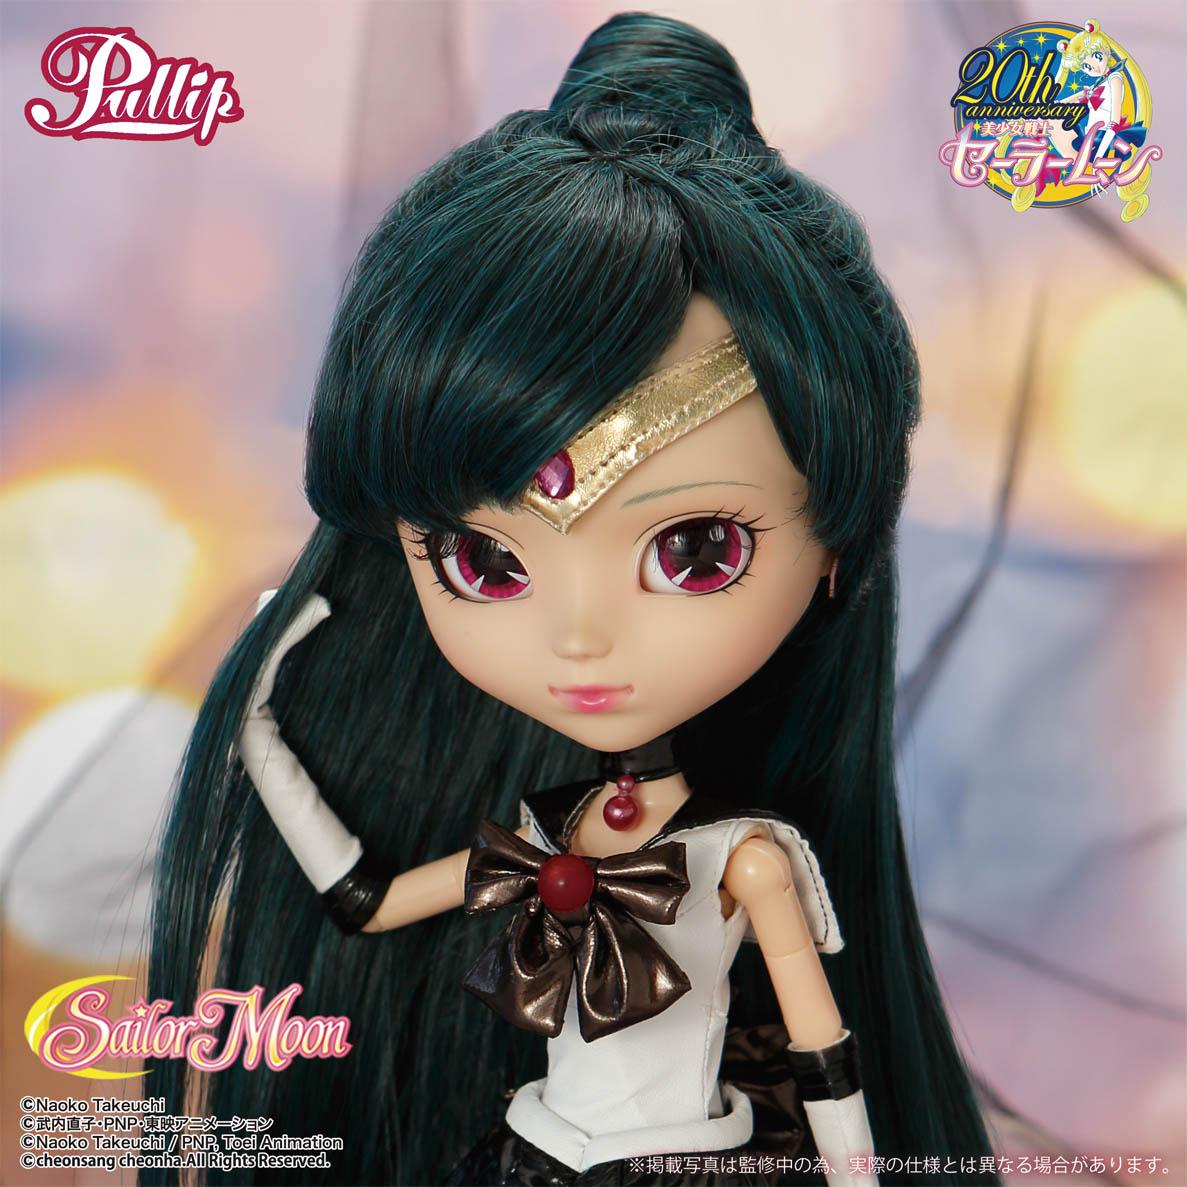 [septembre 2015] Série Sailor Moon : Sailor Pluto P155_05_mail_0727